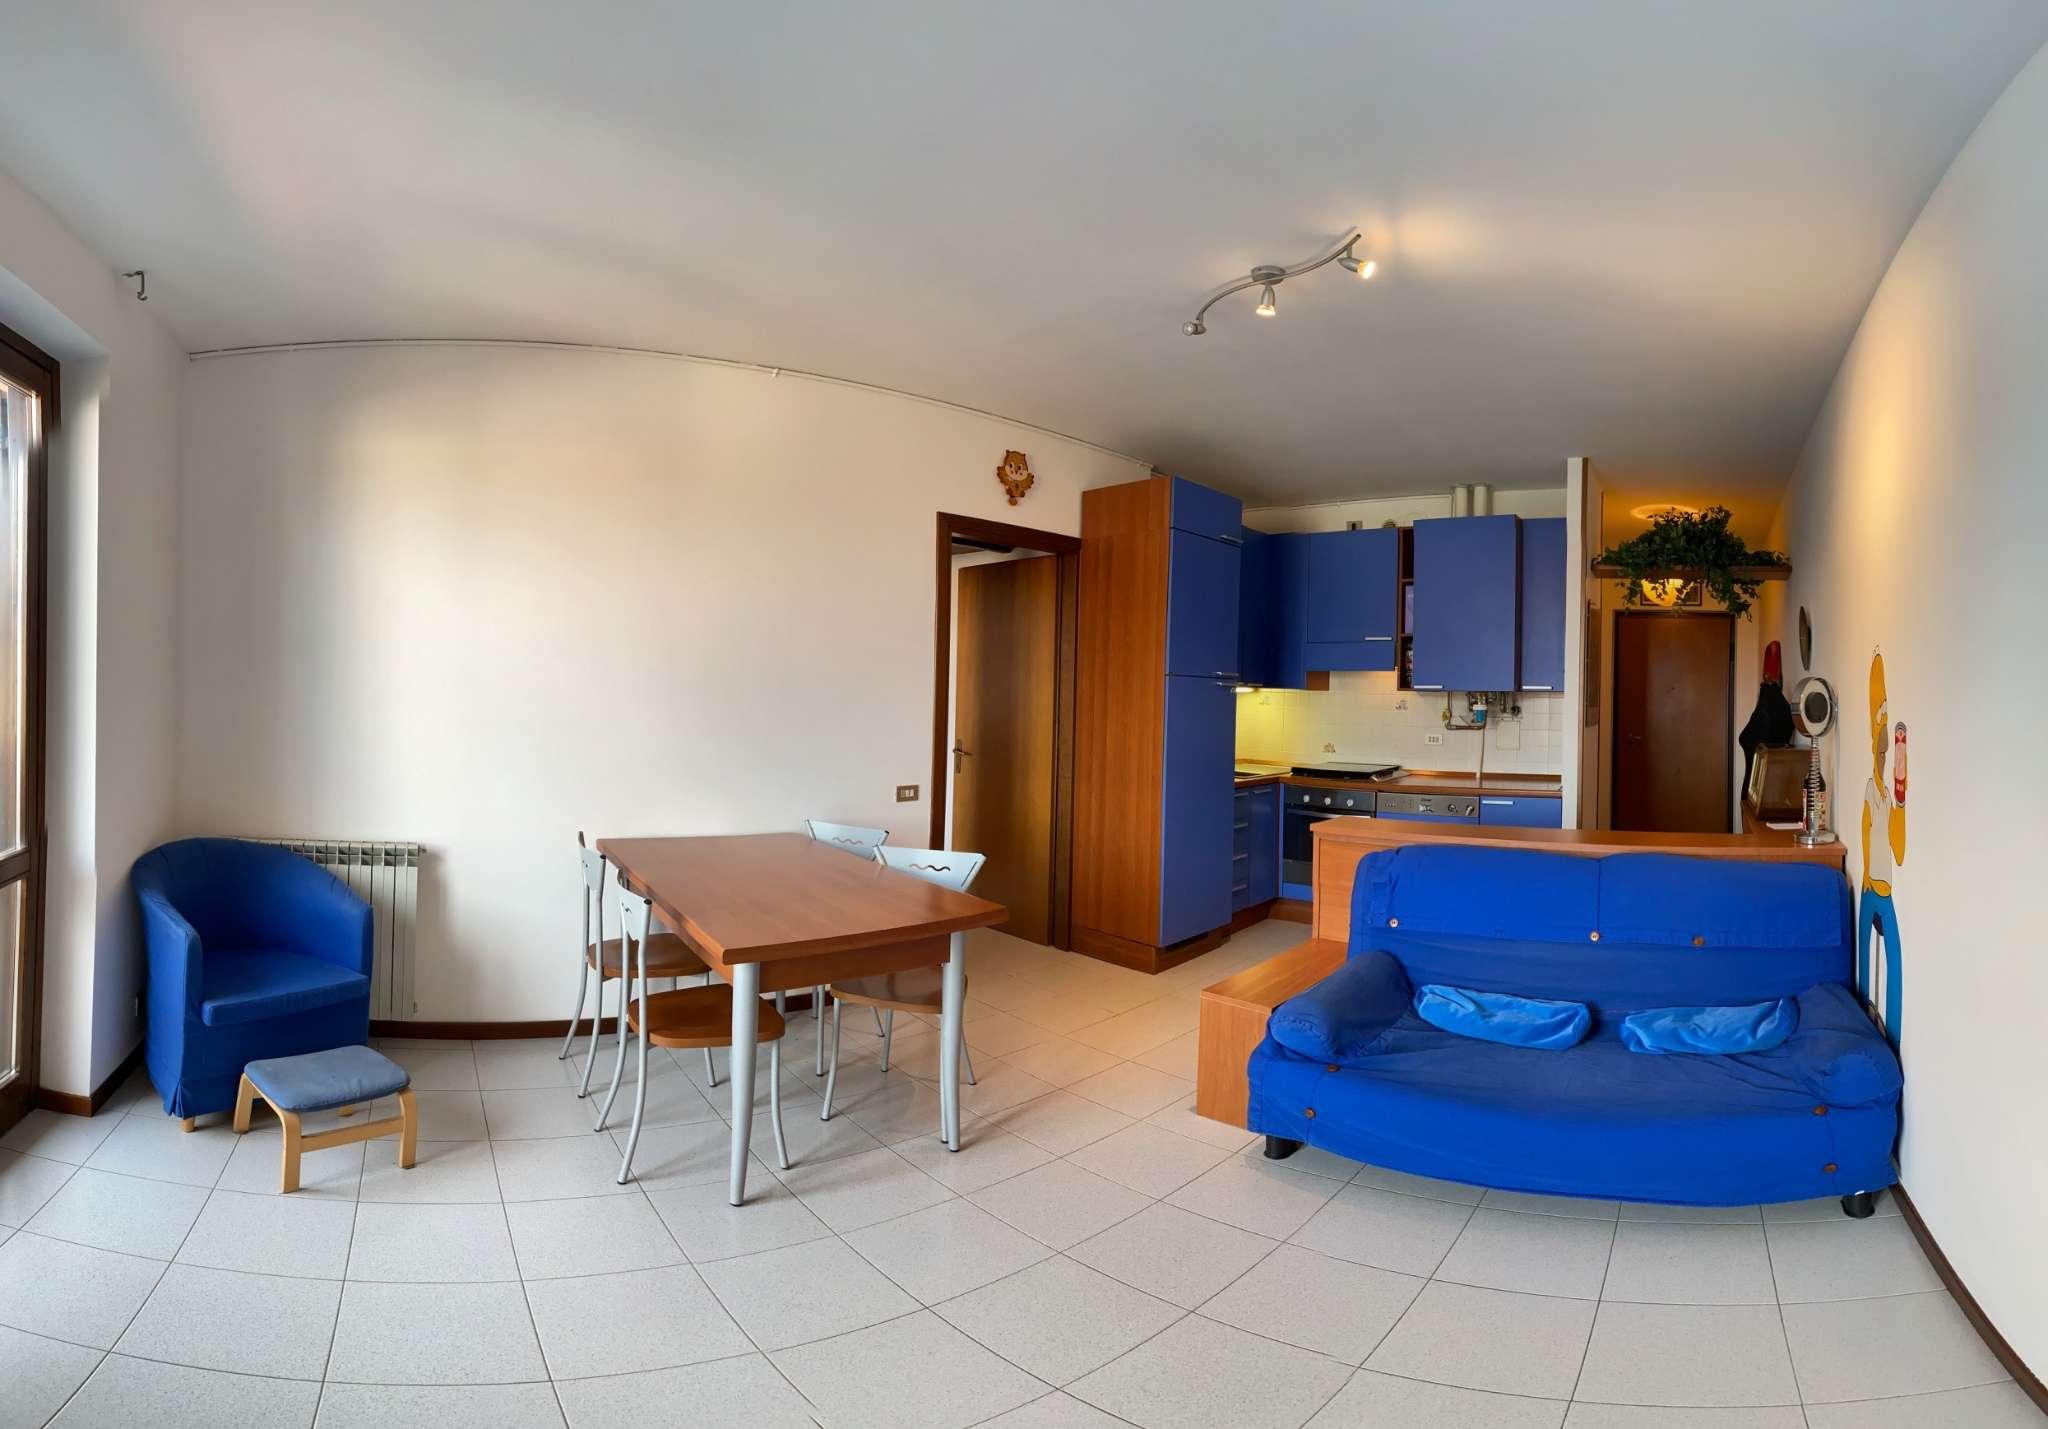 Appartamento in vendita a Ronco Briantino, 2 locali, prezzo € 84.000 | CambioCasa.it